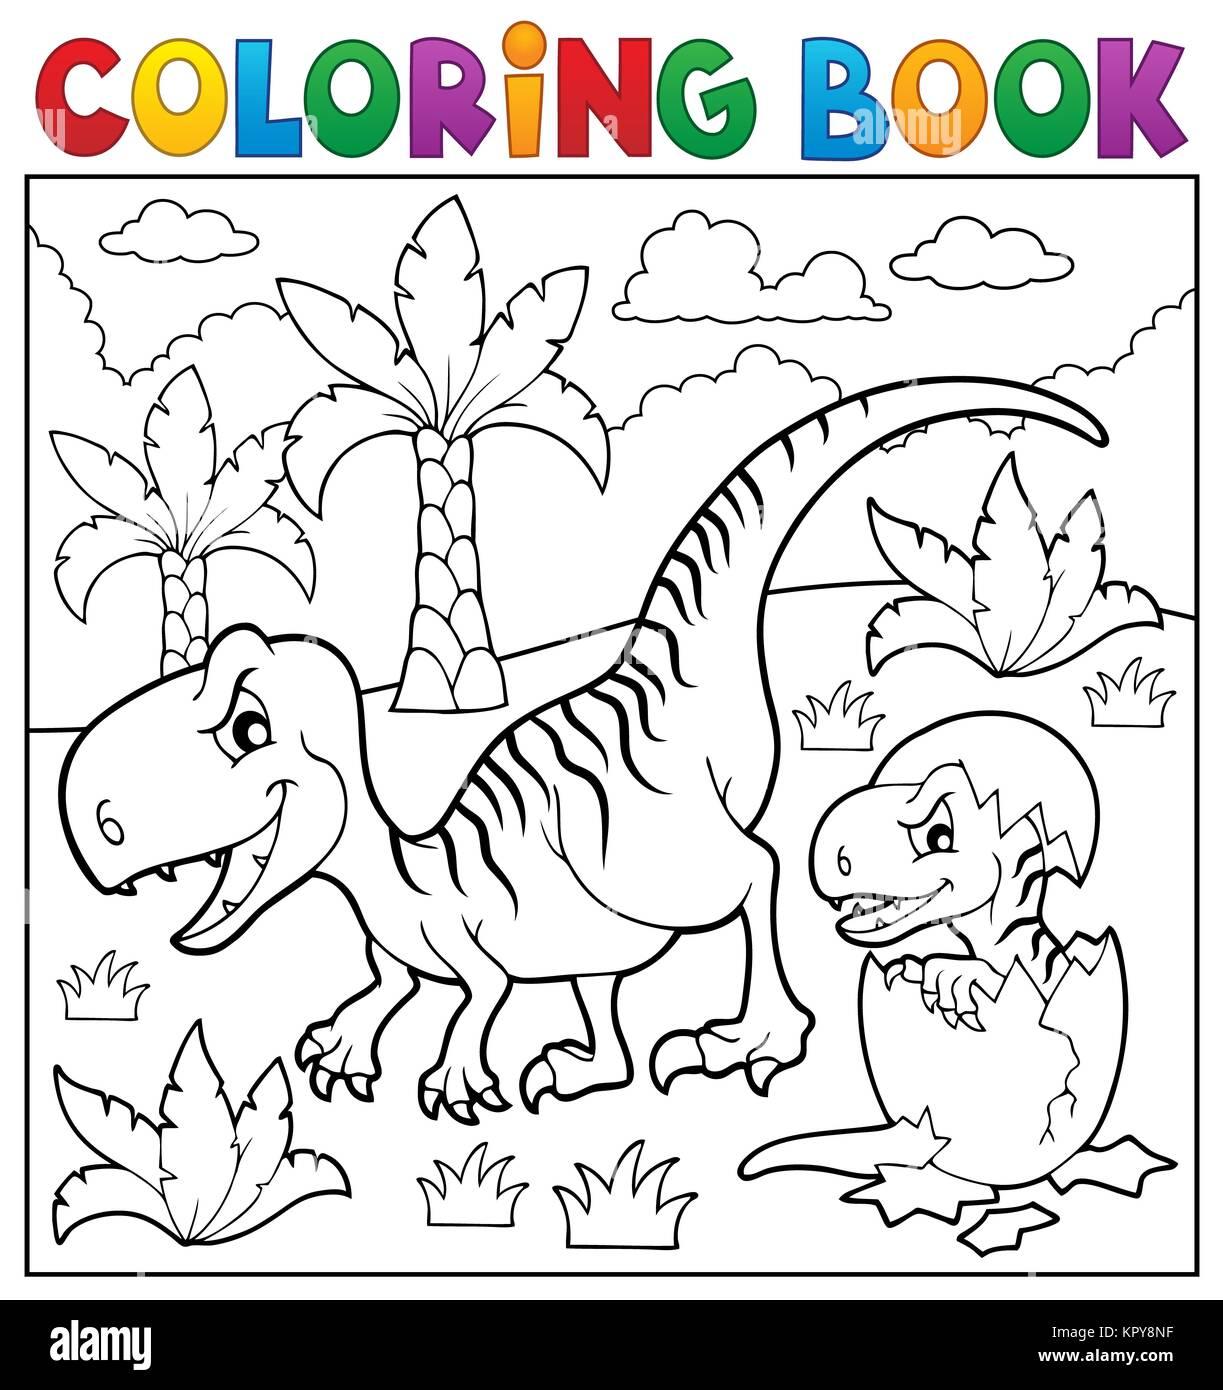 Velociraptor Imágenes De Stock & Velociraptor Fotos De Stock ...